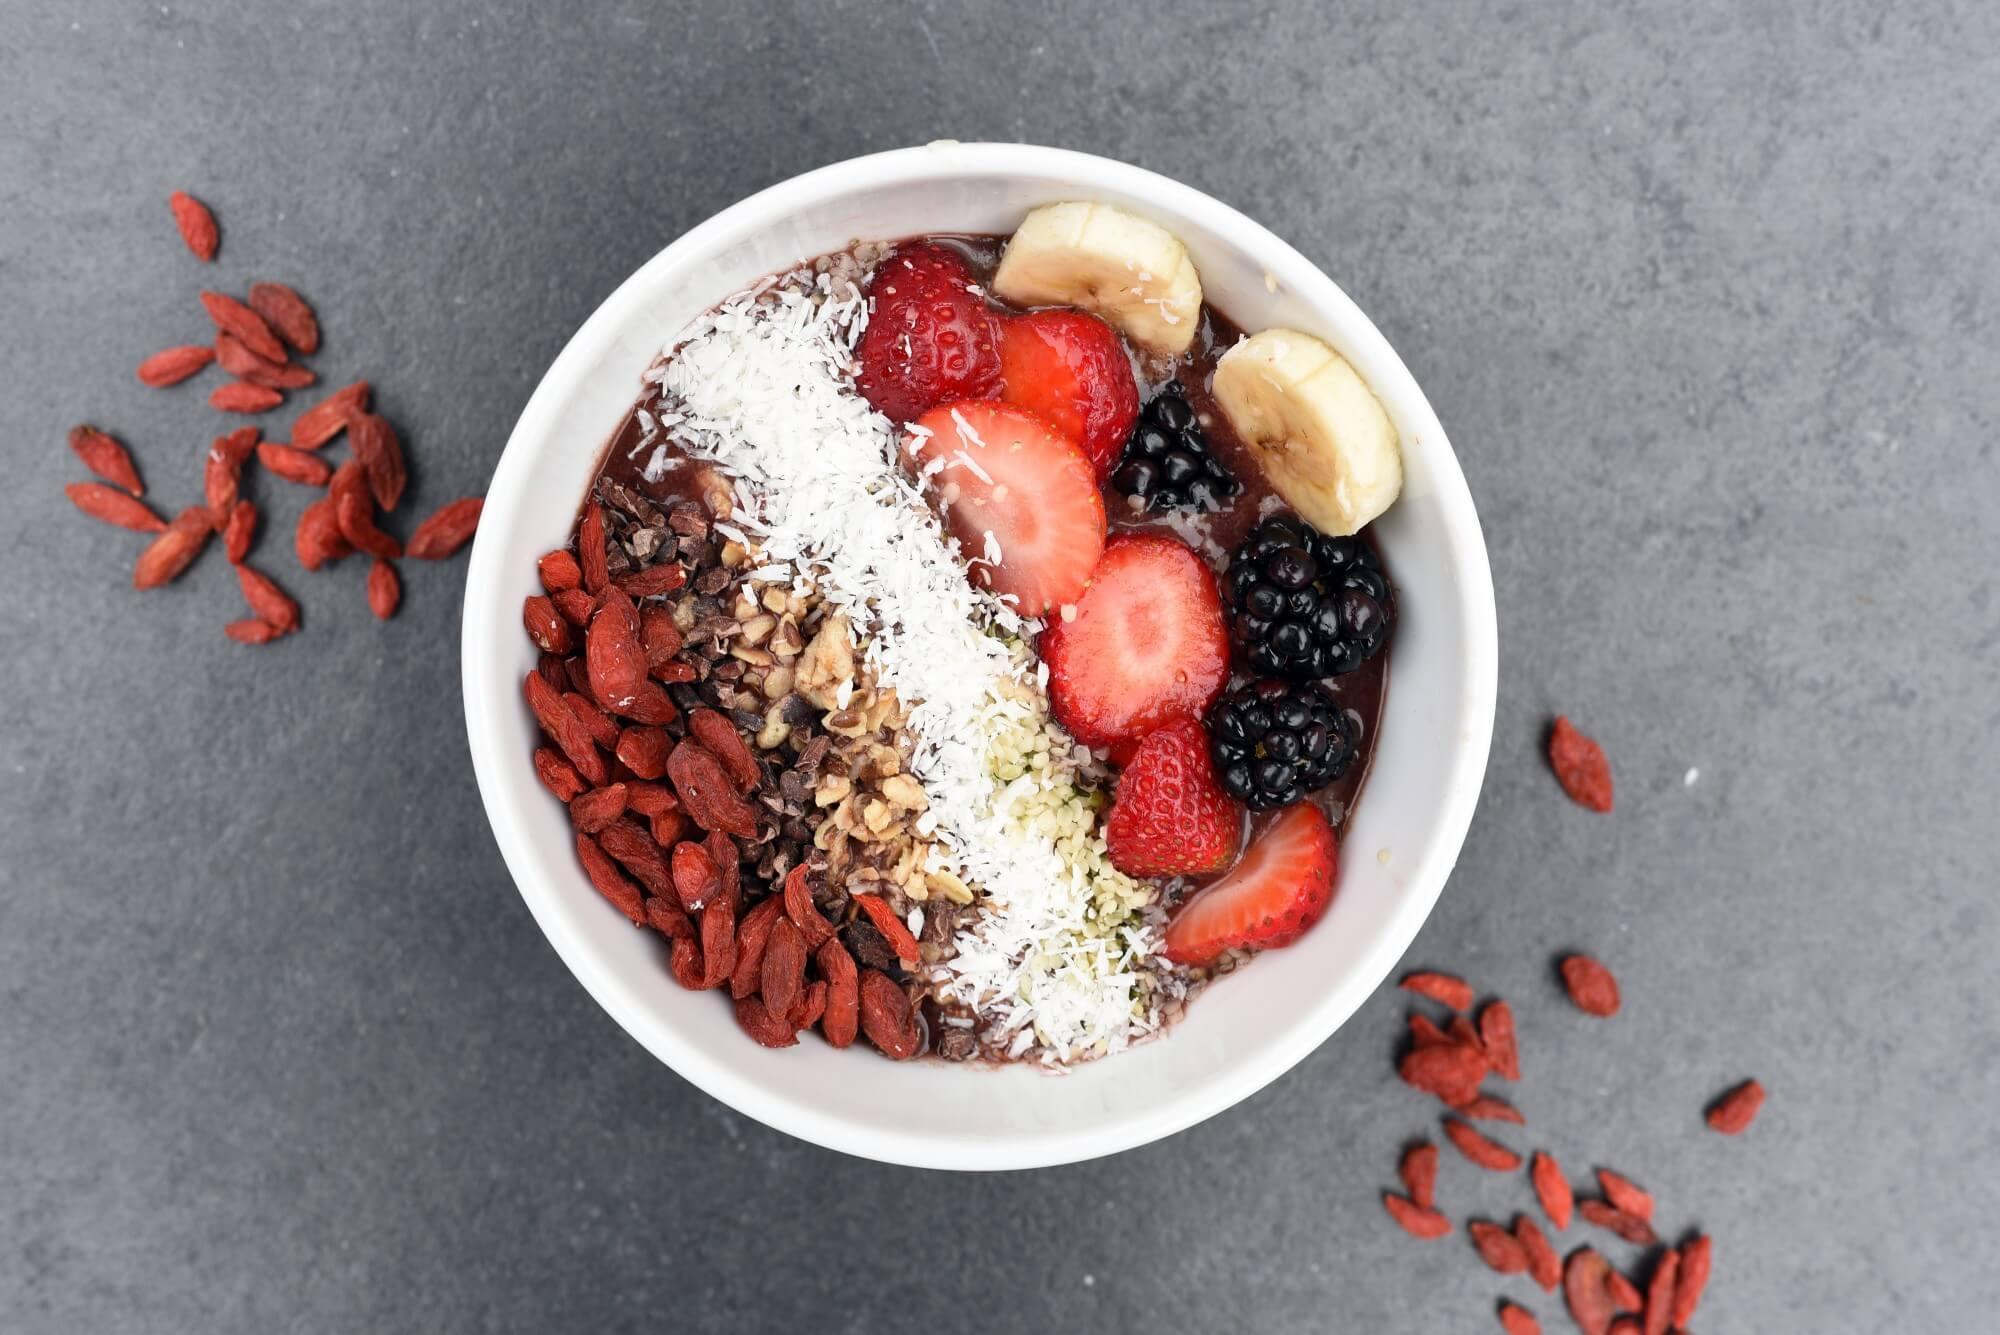 gezond-ontbijten-verhoeff